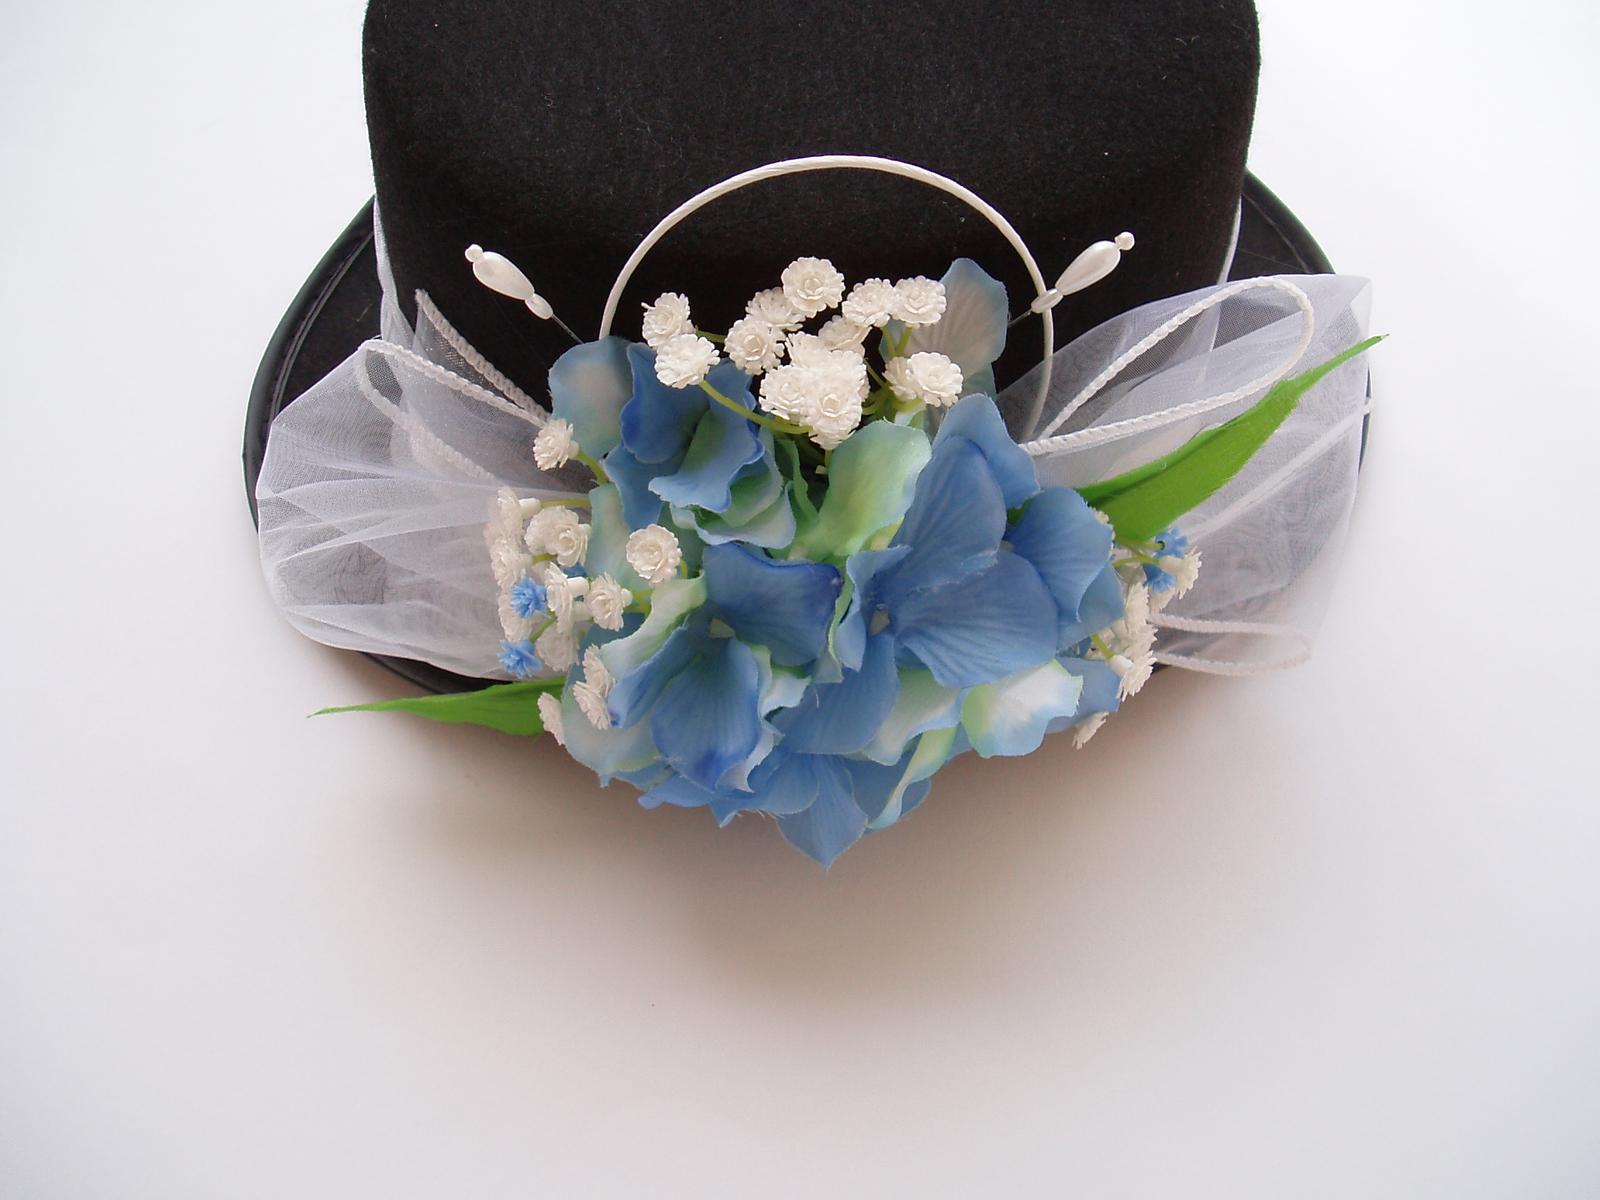 cylindr-modré hortenzie - Obrázek č. 3